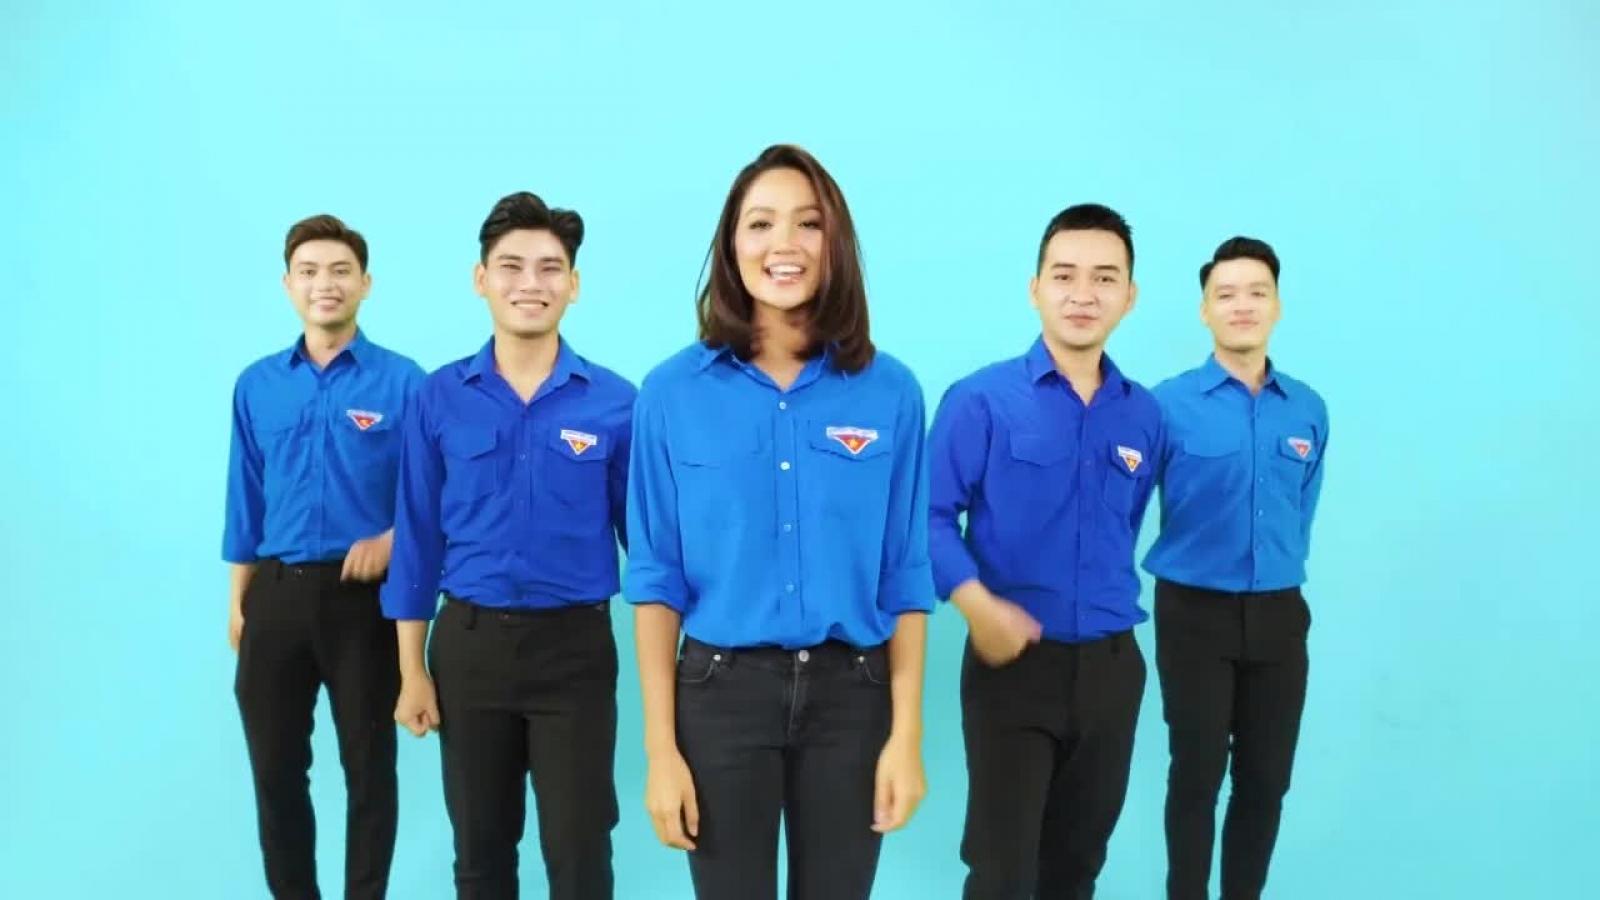 Hoa hậu H'Hen Niê cùng dàn sao Việt hào hứng cổ động cho ngày bầu cử